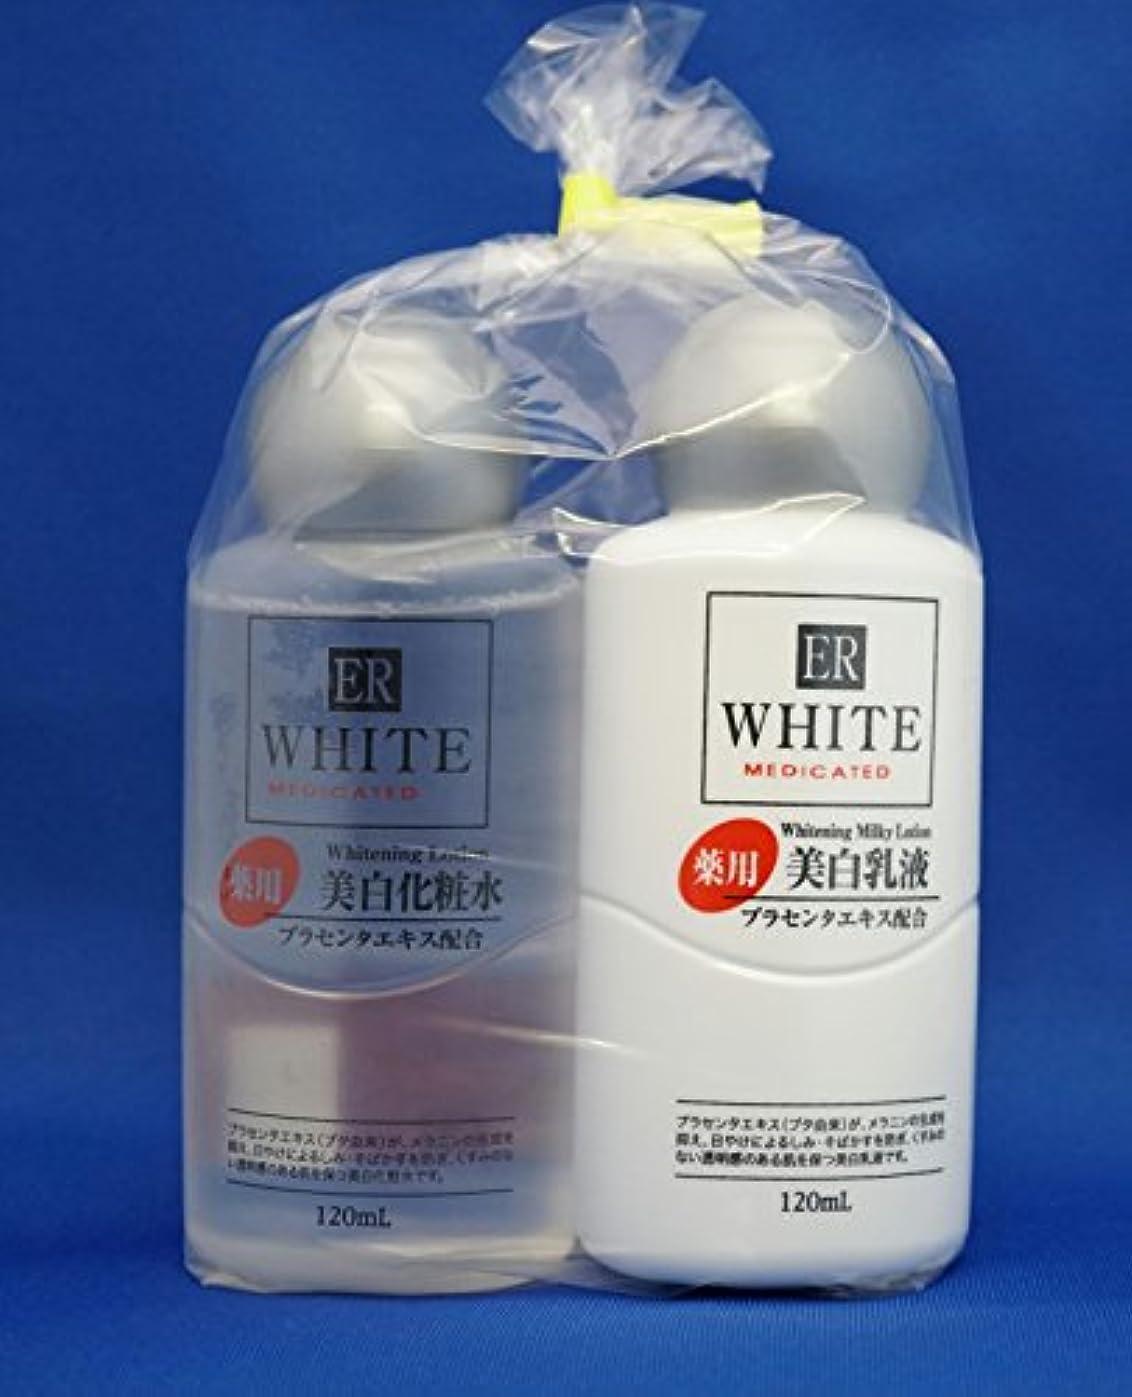 才能のあるインストールドール2個セット ダイソー ER コスモ ホワイトニング ミルクV(薬用美白乳液) と ER ホワイトニングローションV(薬用美白化粧水)